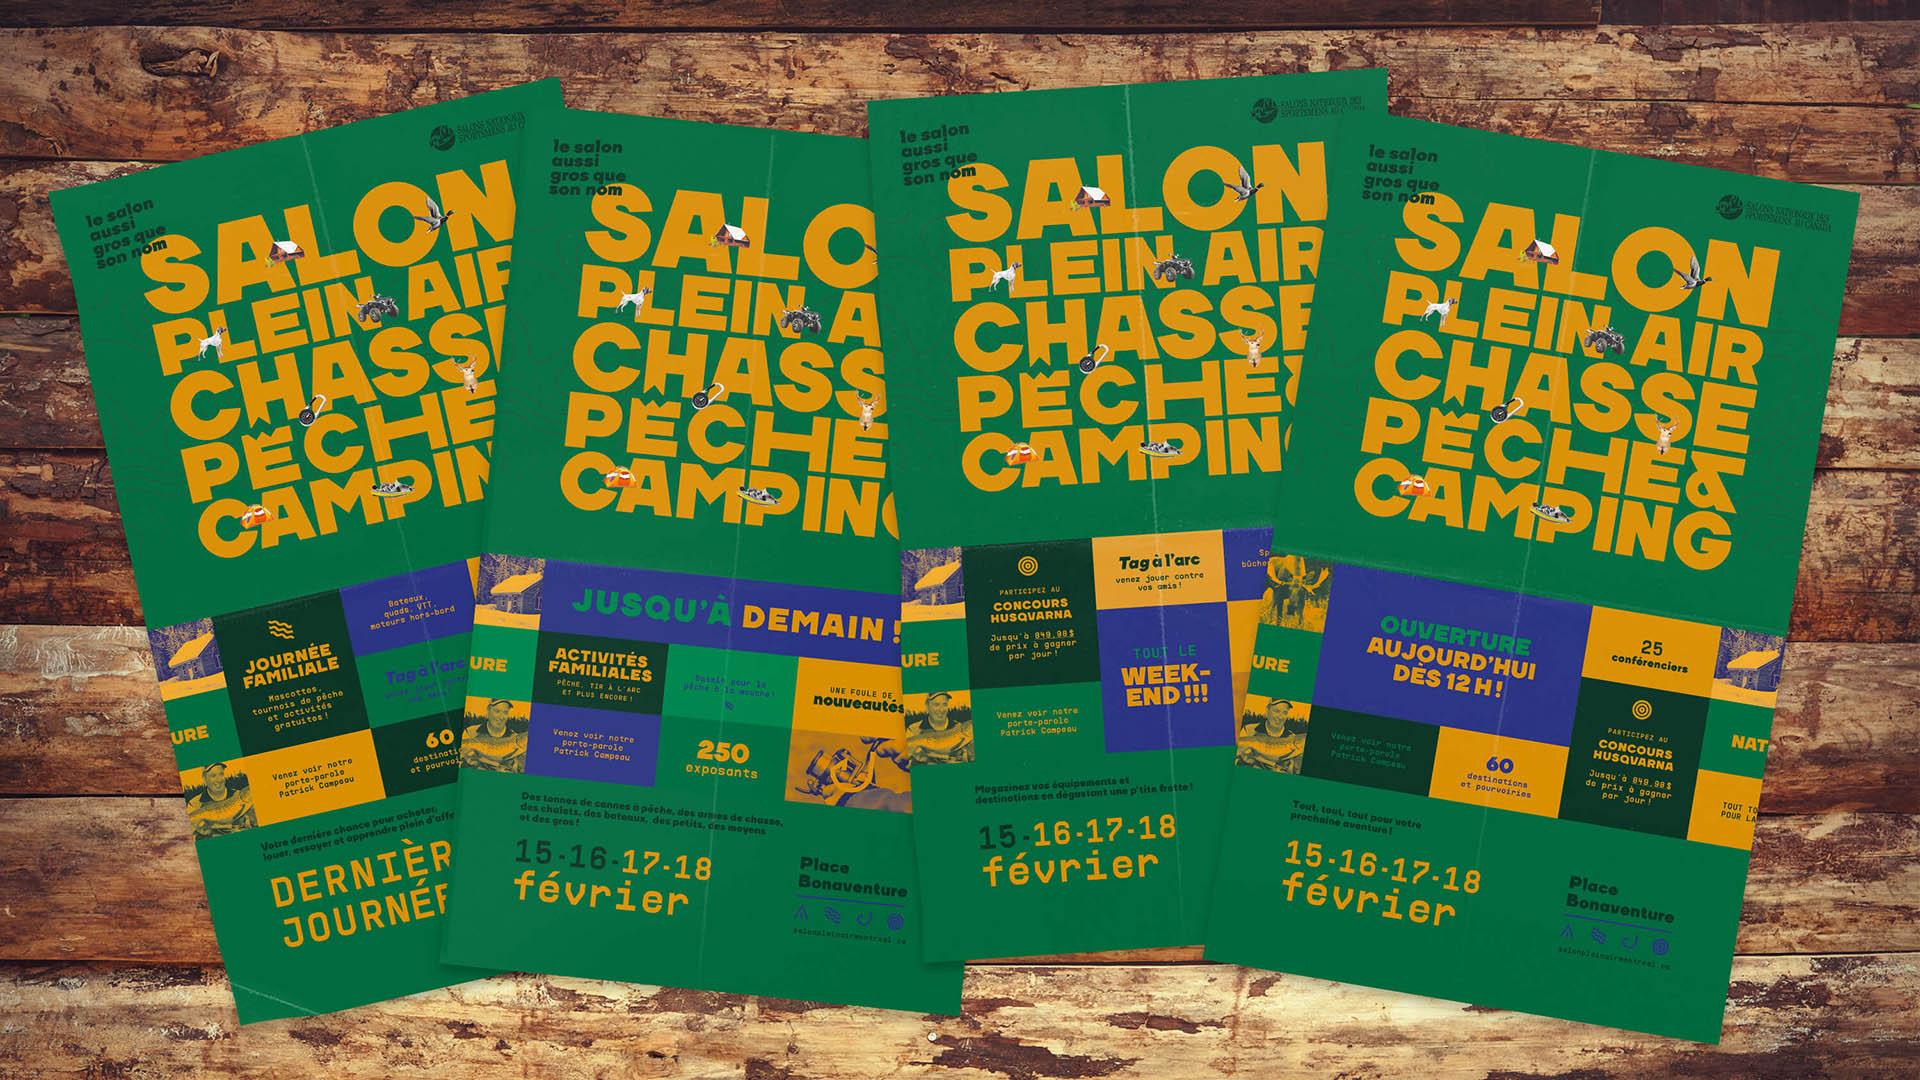 Campagne publicitaire événmentielle   Publicité imprimée   Salon Plein Air Chasse Pêche et Camping